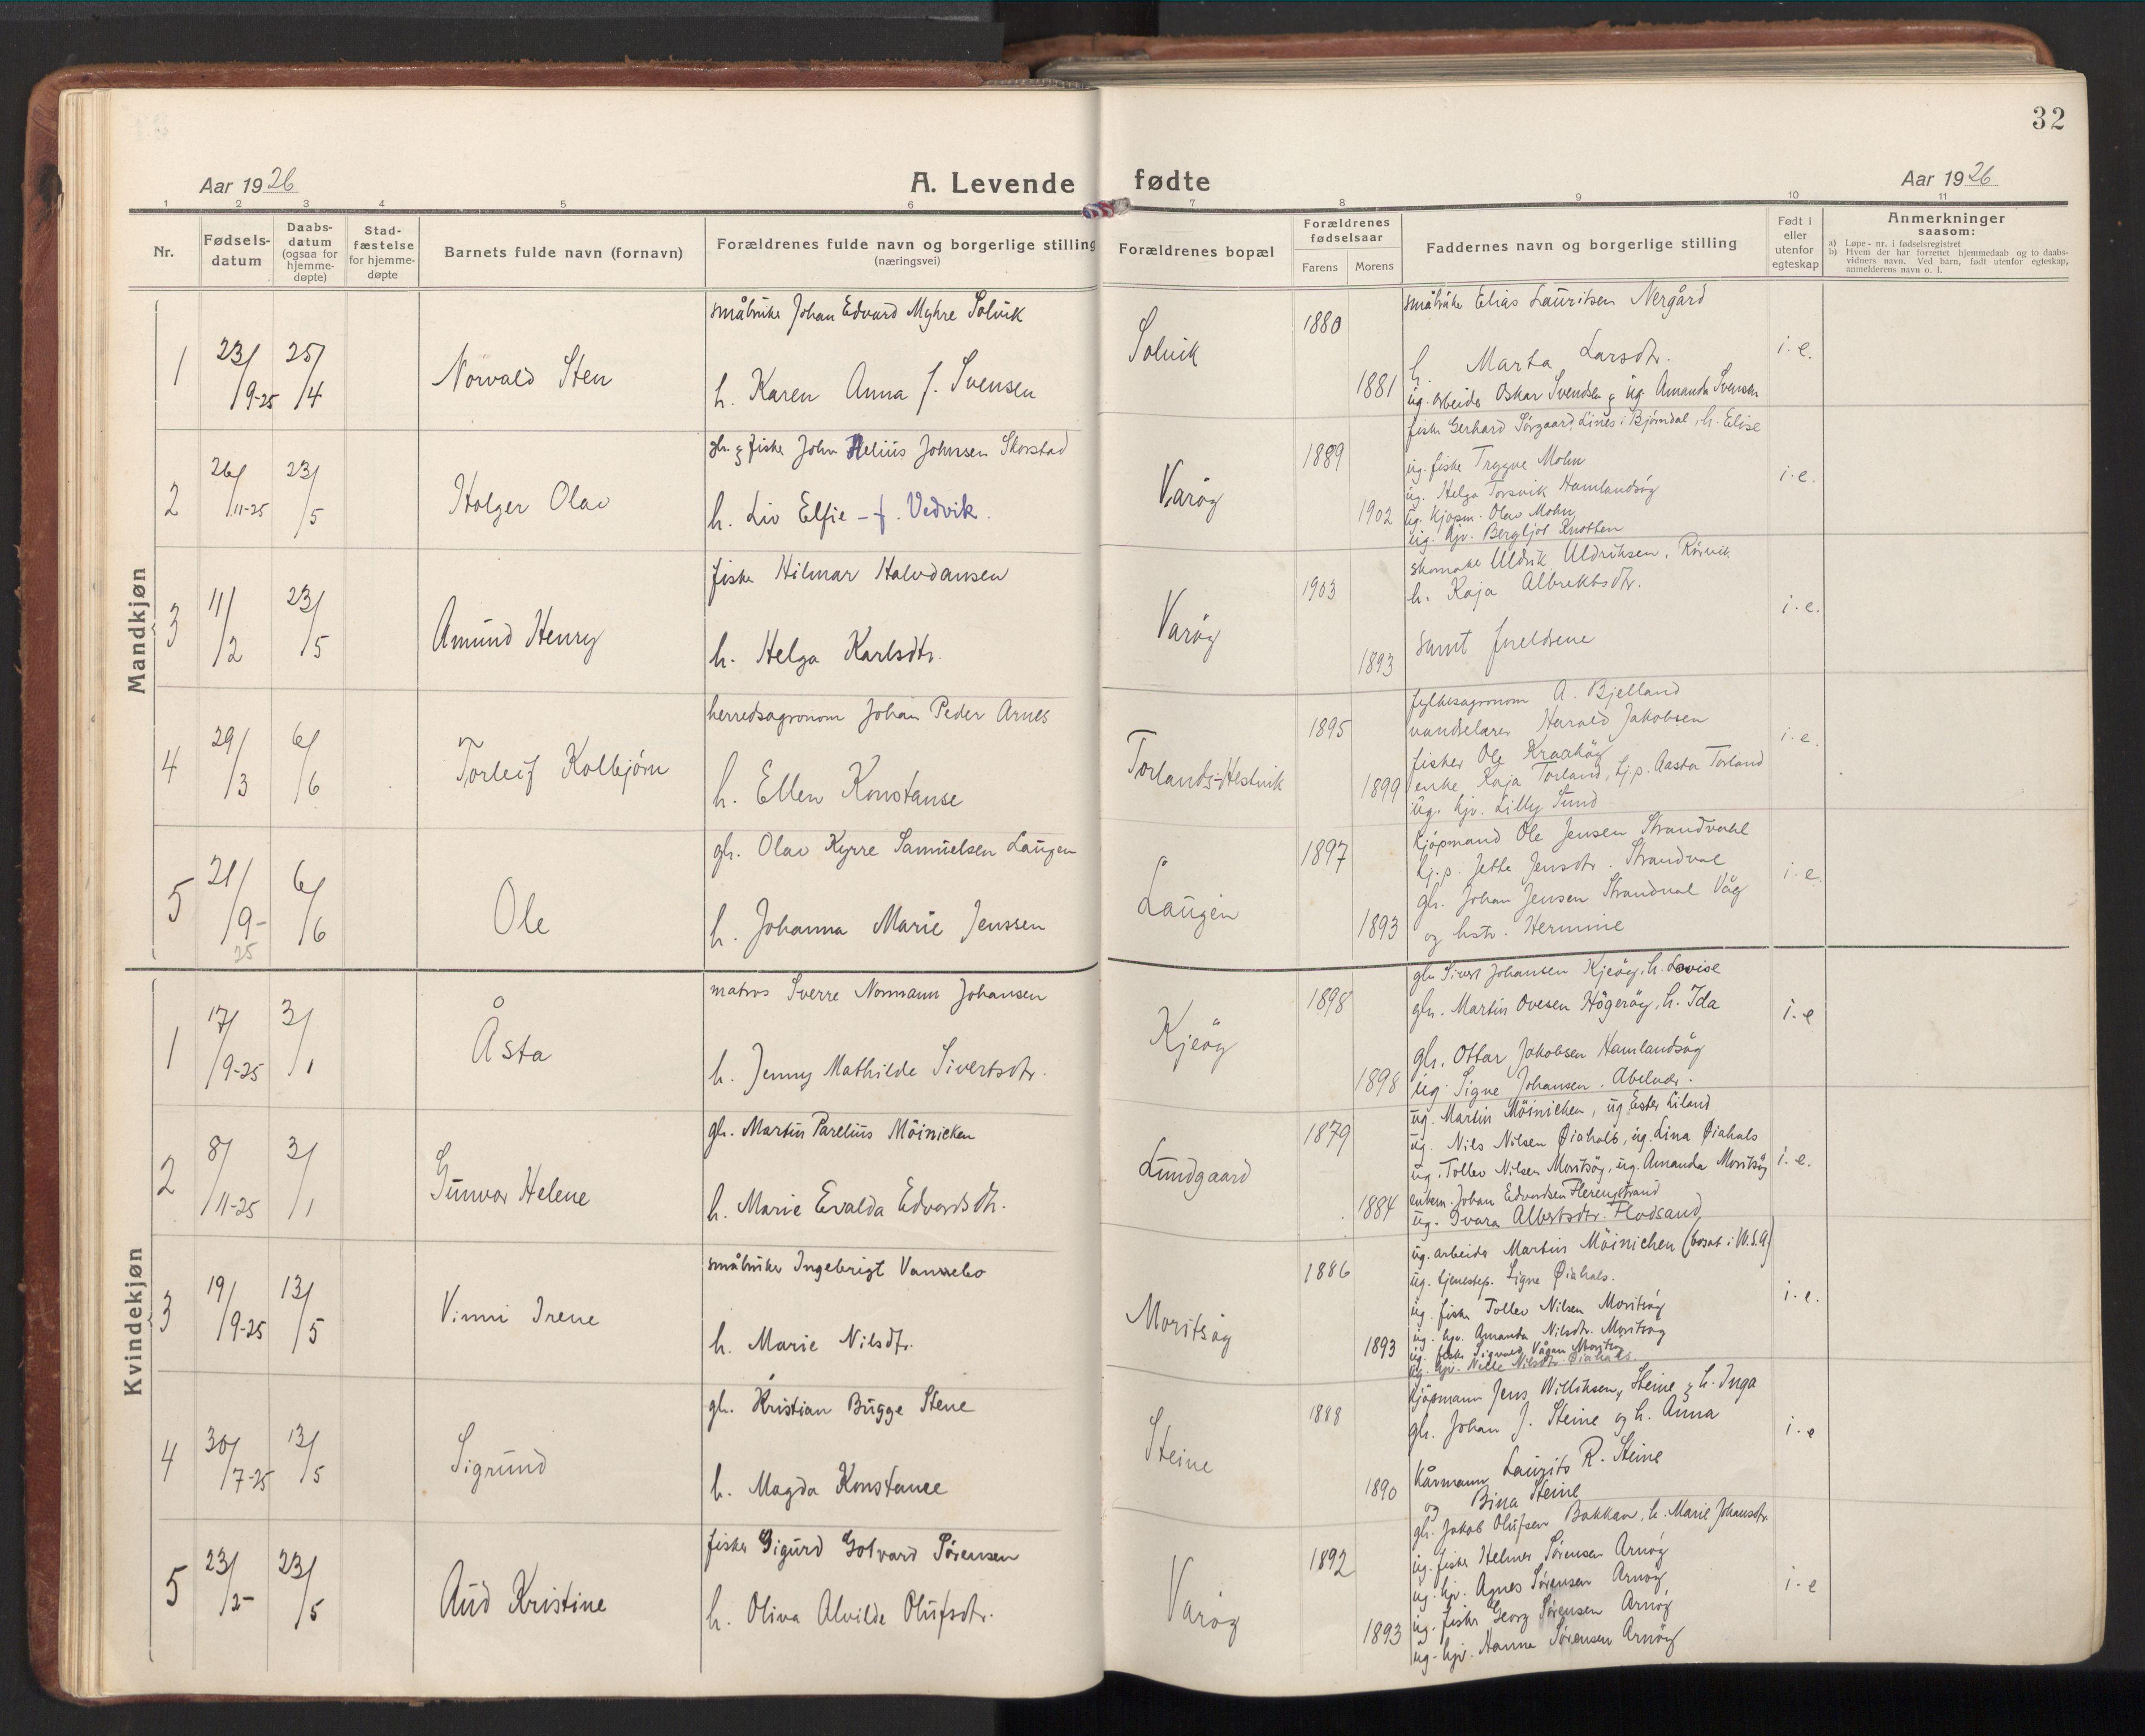 SAT, Ministerialprotokoller, klokkerbøker og fødselsregistre - Nord-Trøndelag, 784/L0678: Ministerialbok nr. 784A13, 1921-1938, s. 32